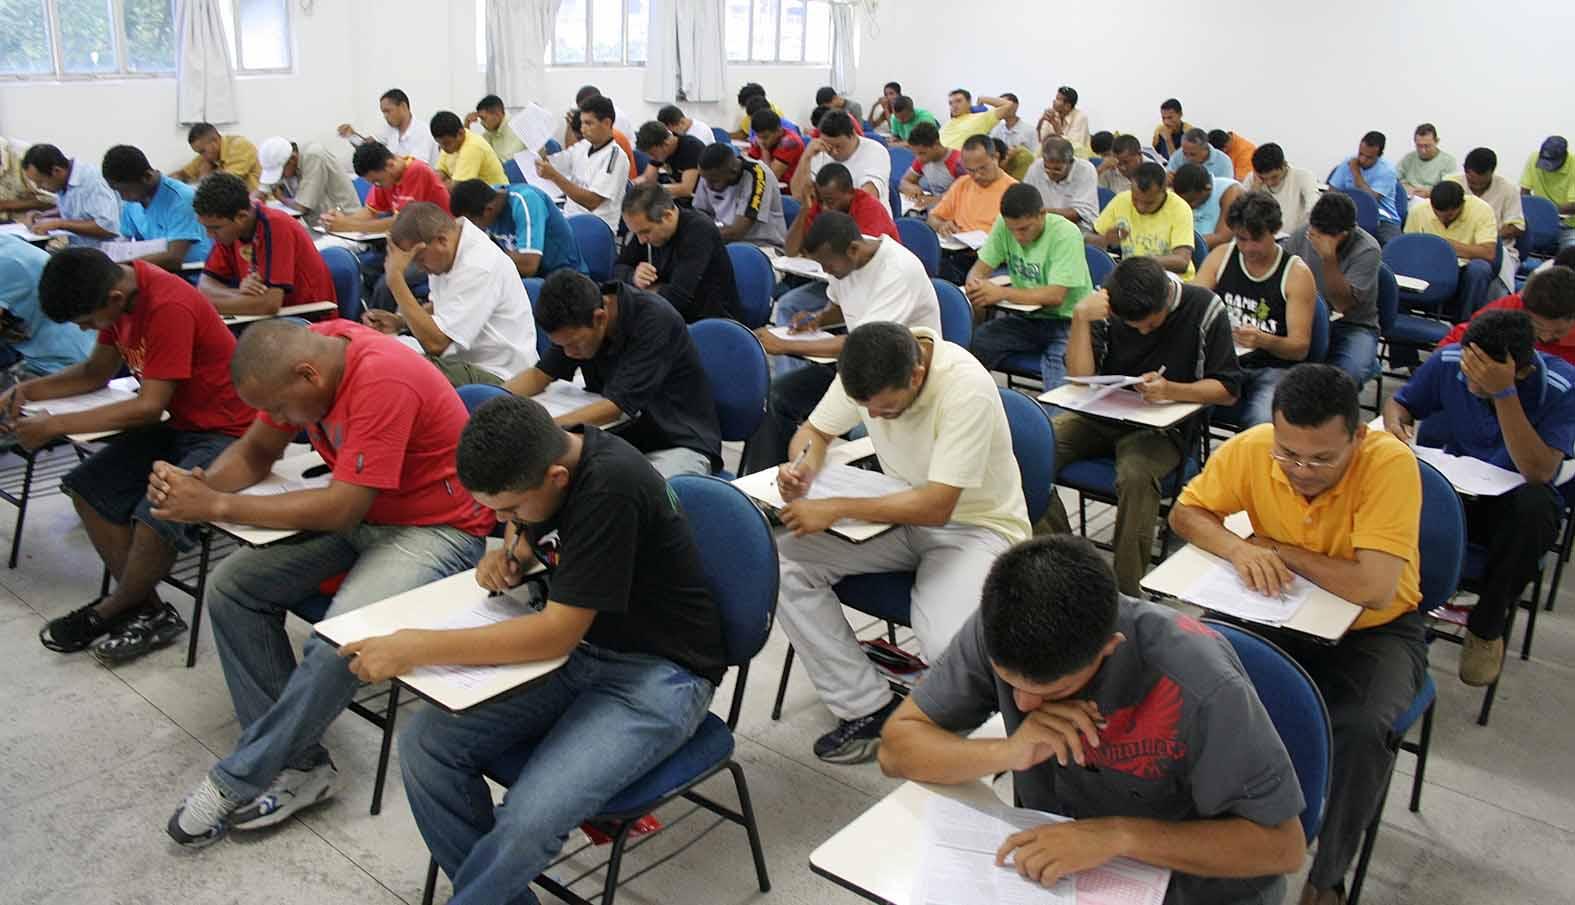 Todos os ano milhares de pessoas se inscrevem nos concursos da Petrobrás (Foto: Divulgação)